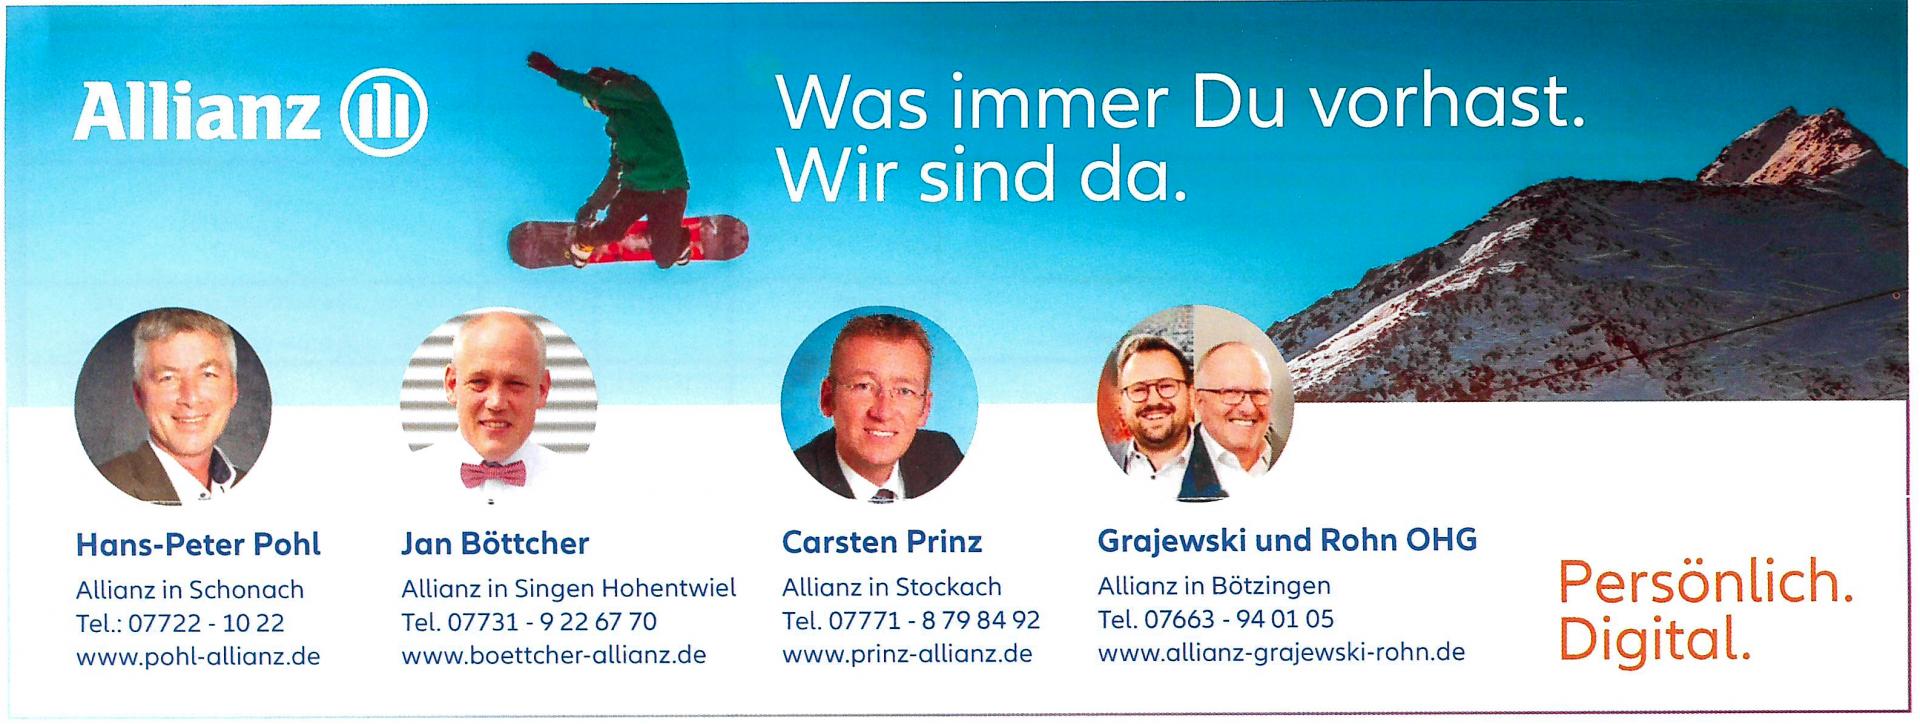 Anzeige Allianz